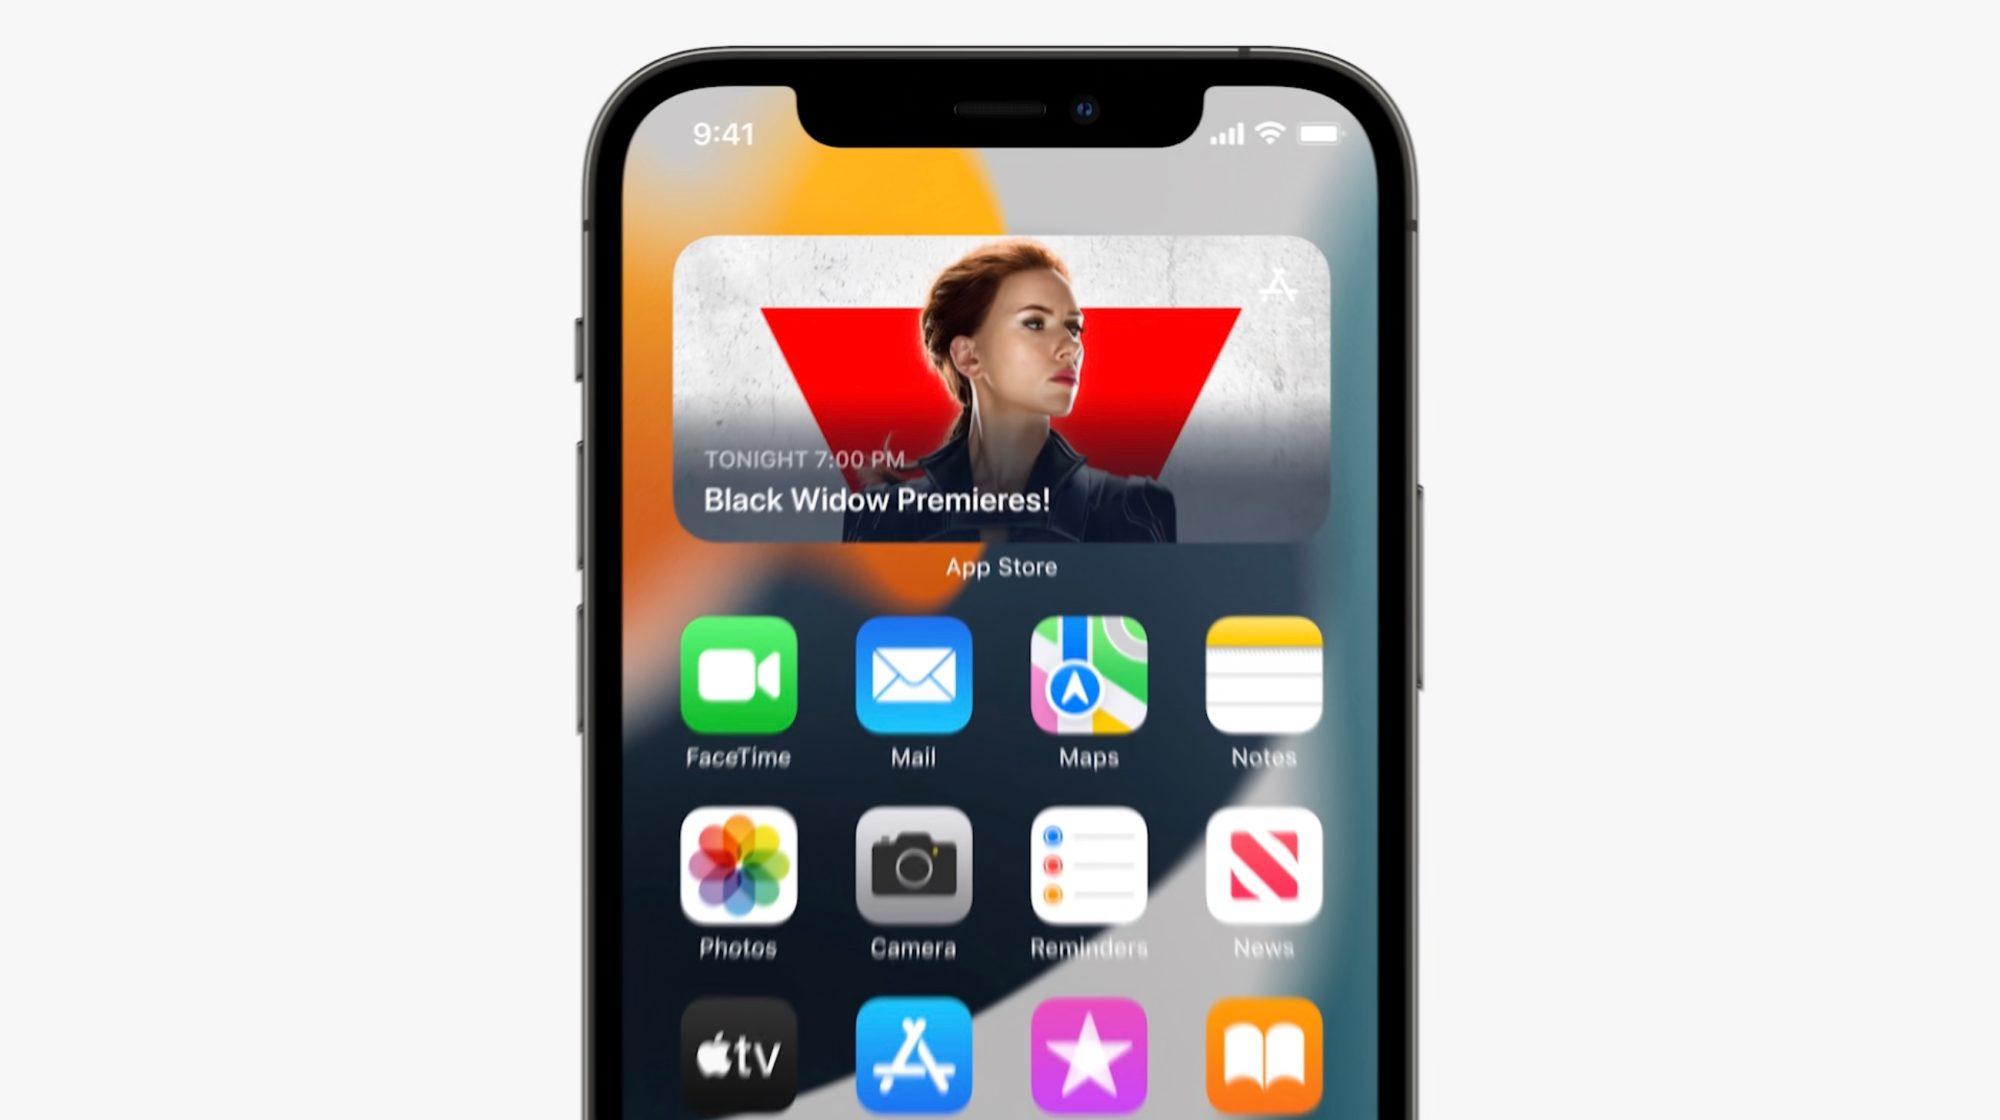 قم بتنزيل خلفيات iOS 15 الجديدة للايفون والايباد الان